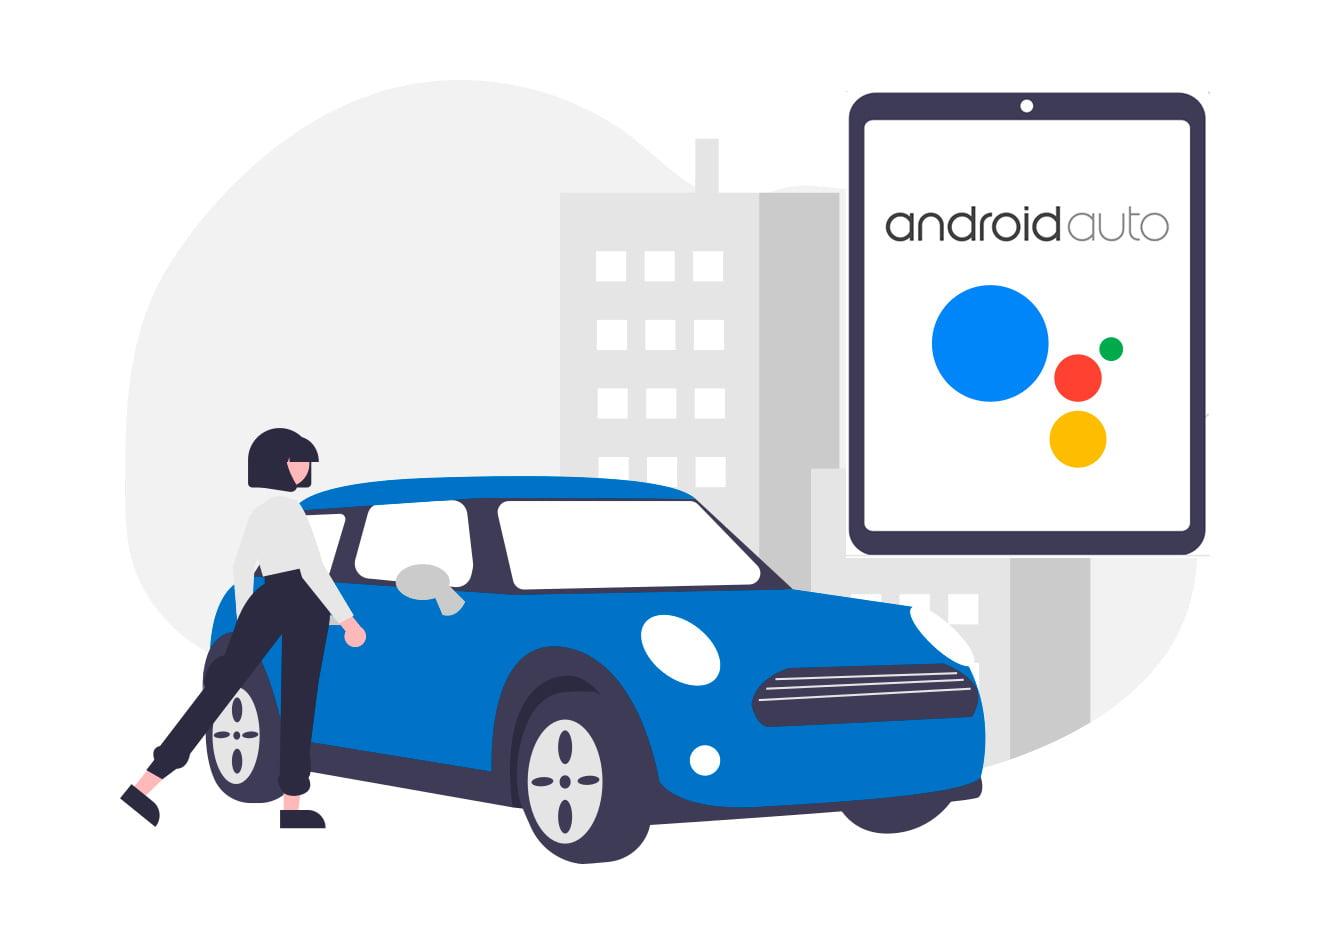 Ilustração android auto